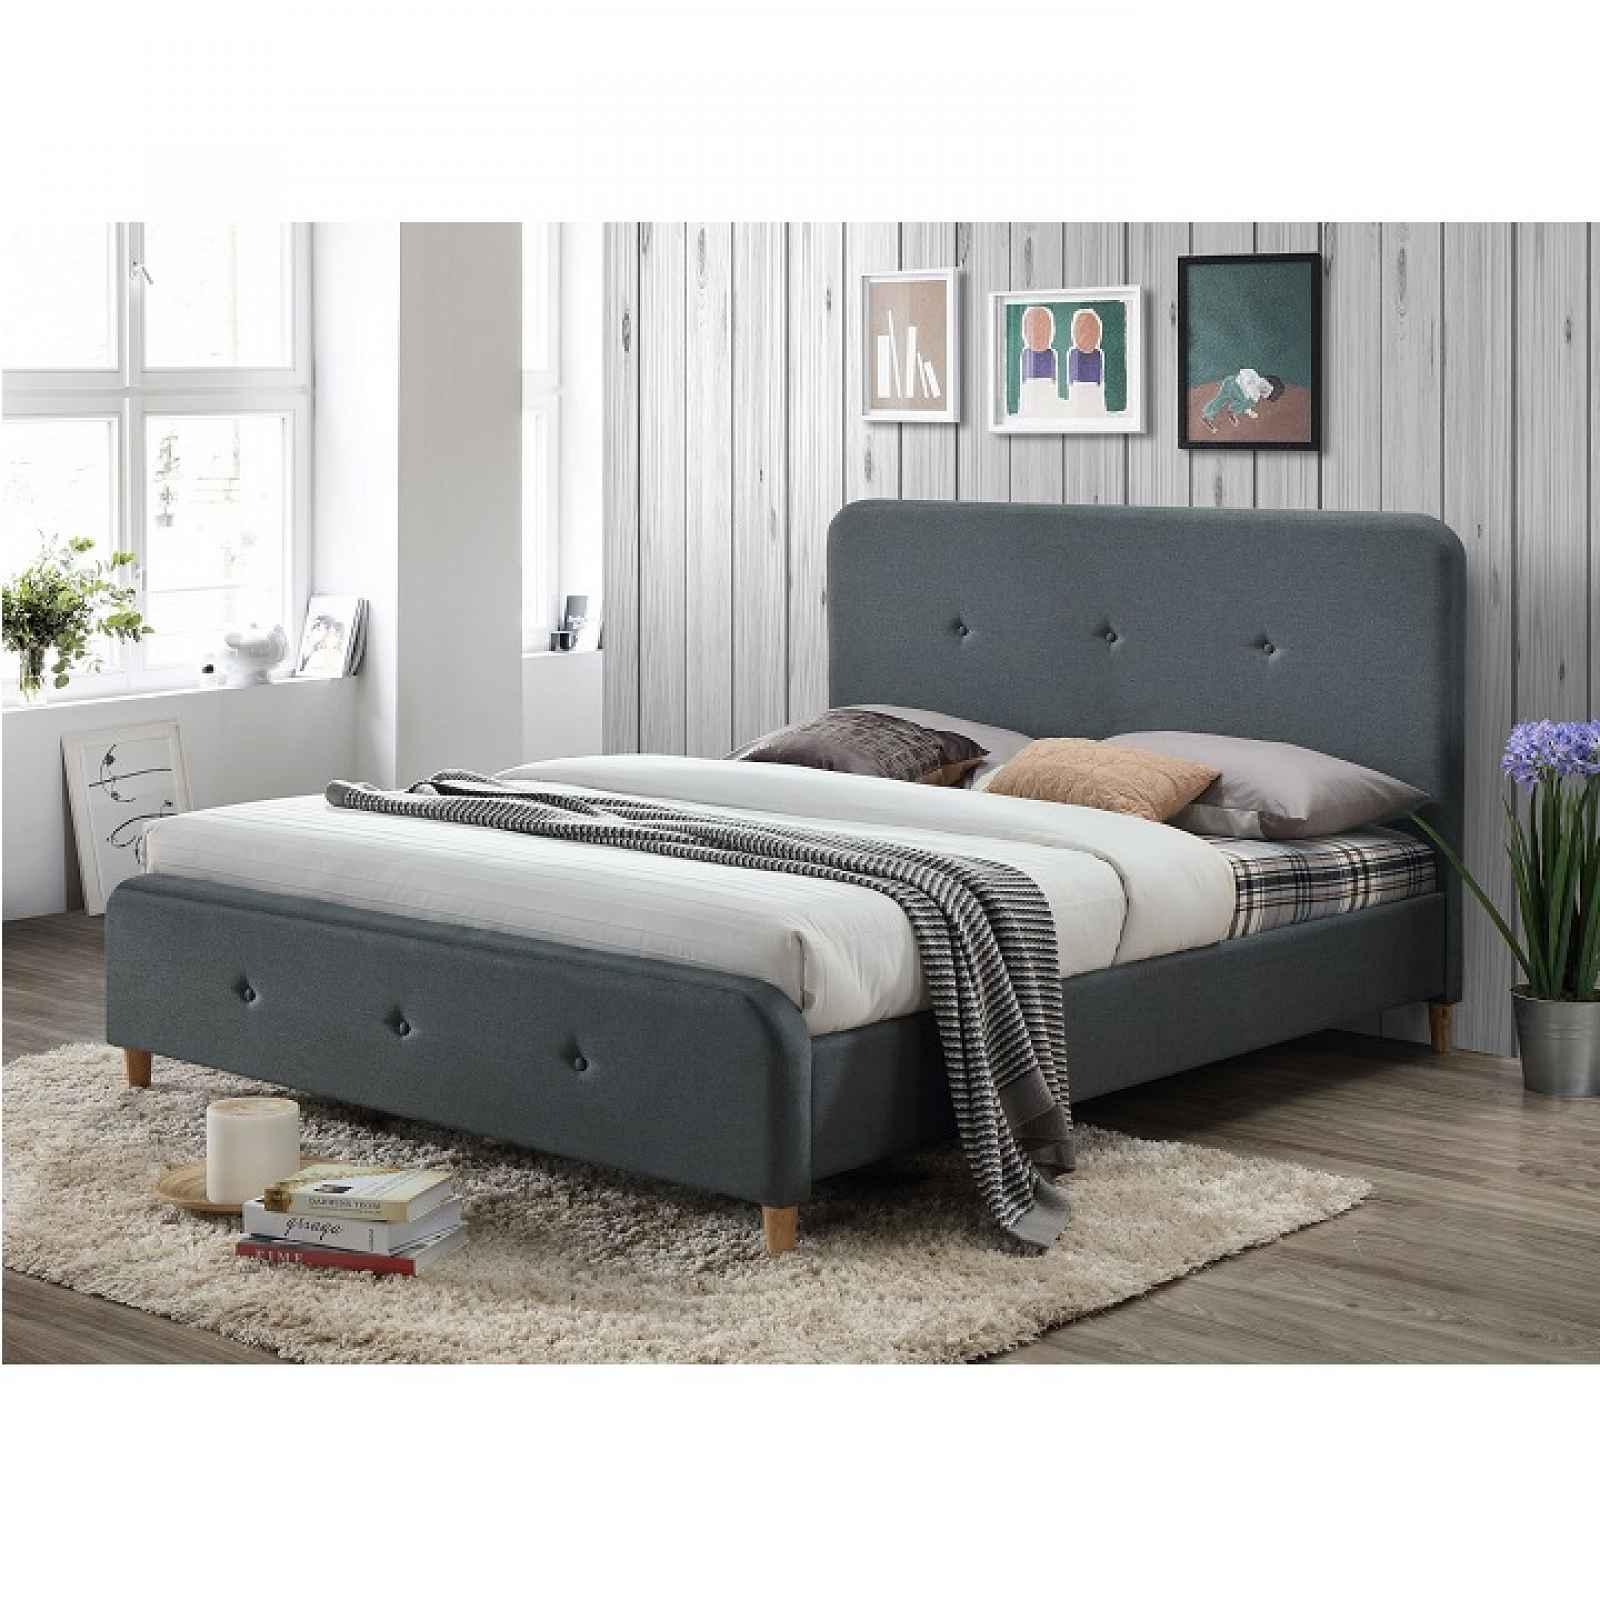 Manželská postel, tmavě šedá, 160x200, COLON NEW 0000229274 Tempo Kondela